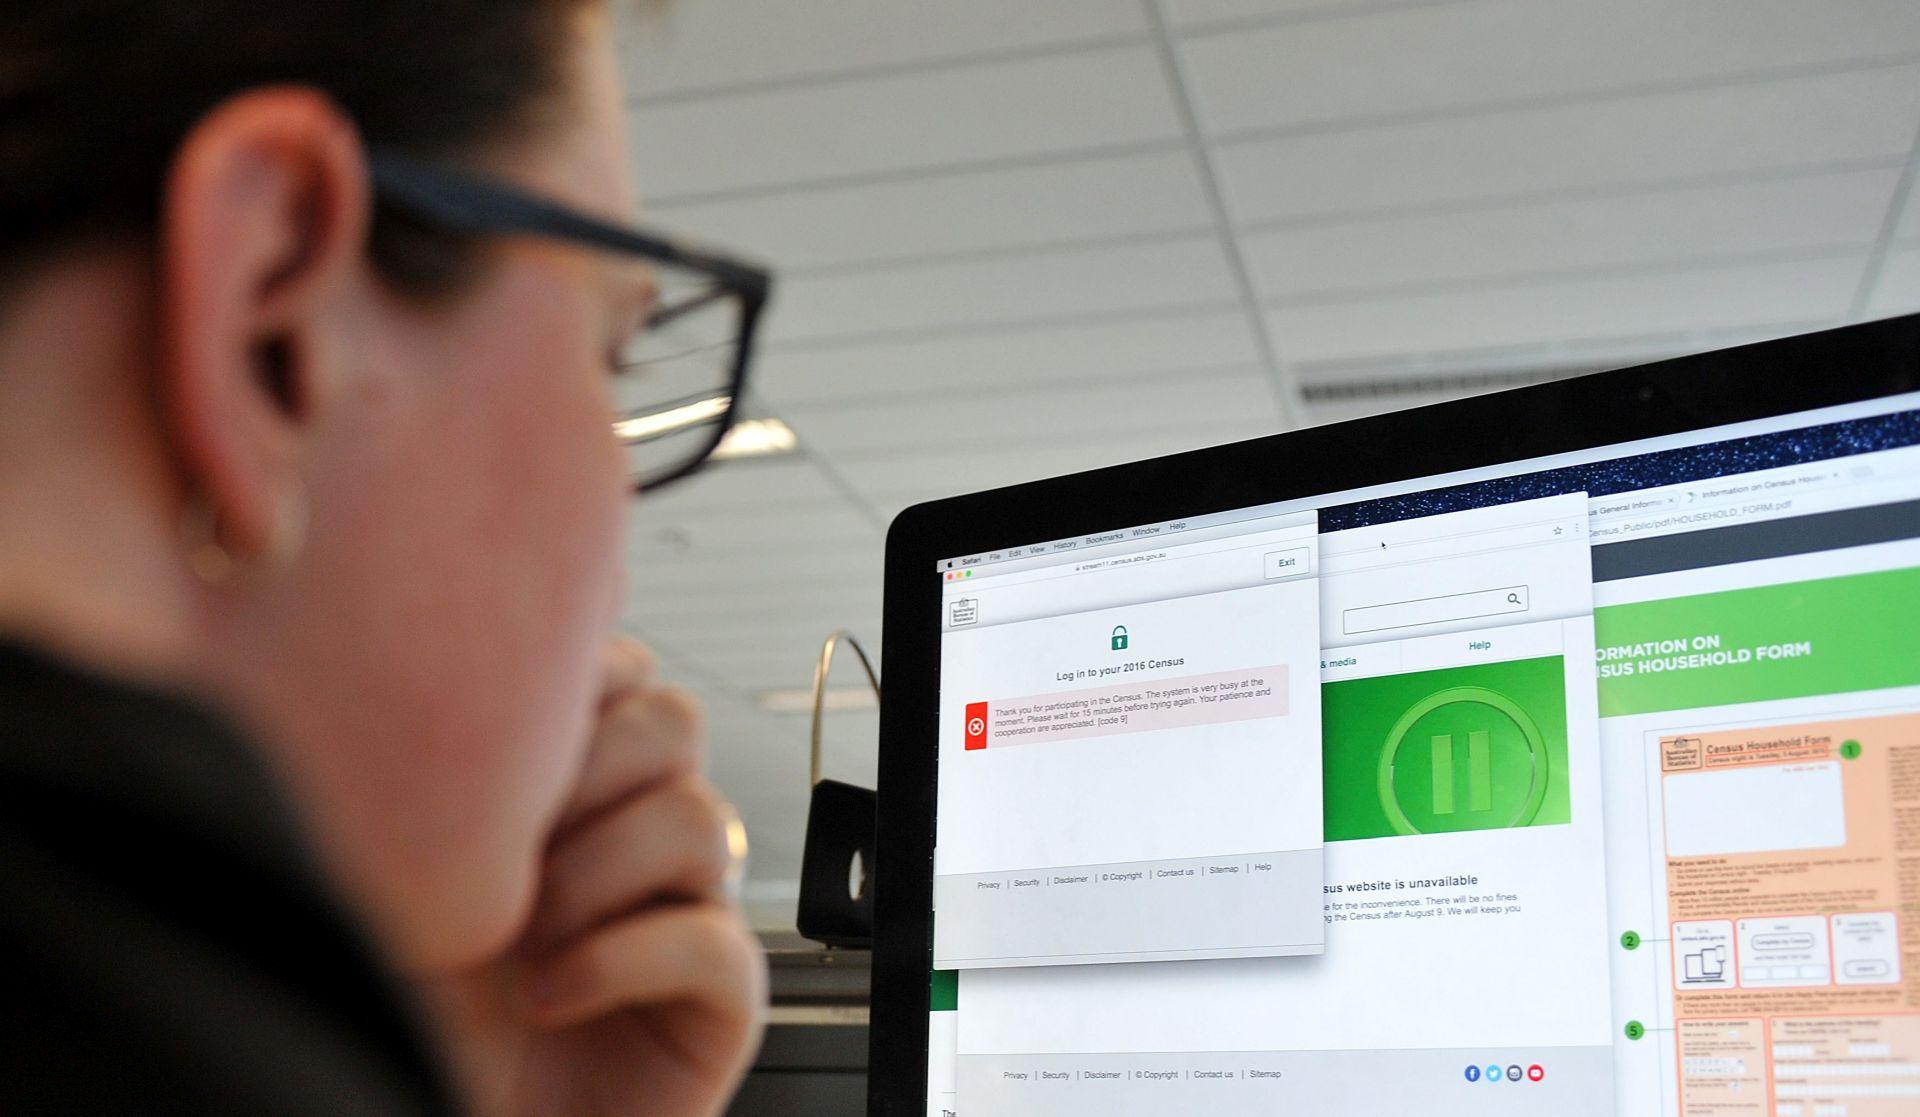 Švedska vojska pretrpjela velik kibernetički napad